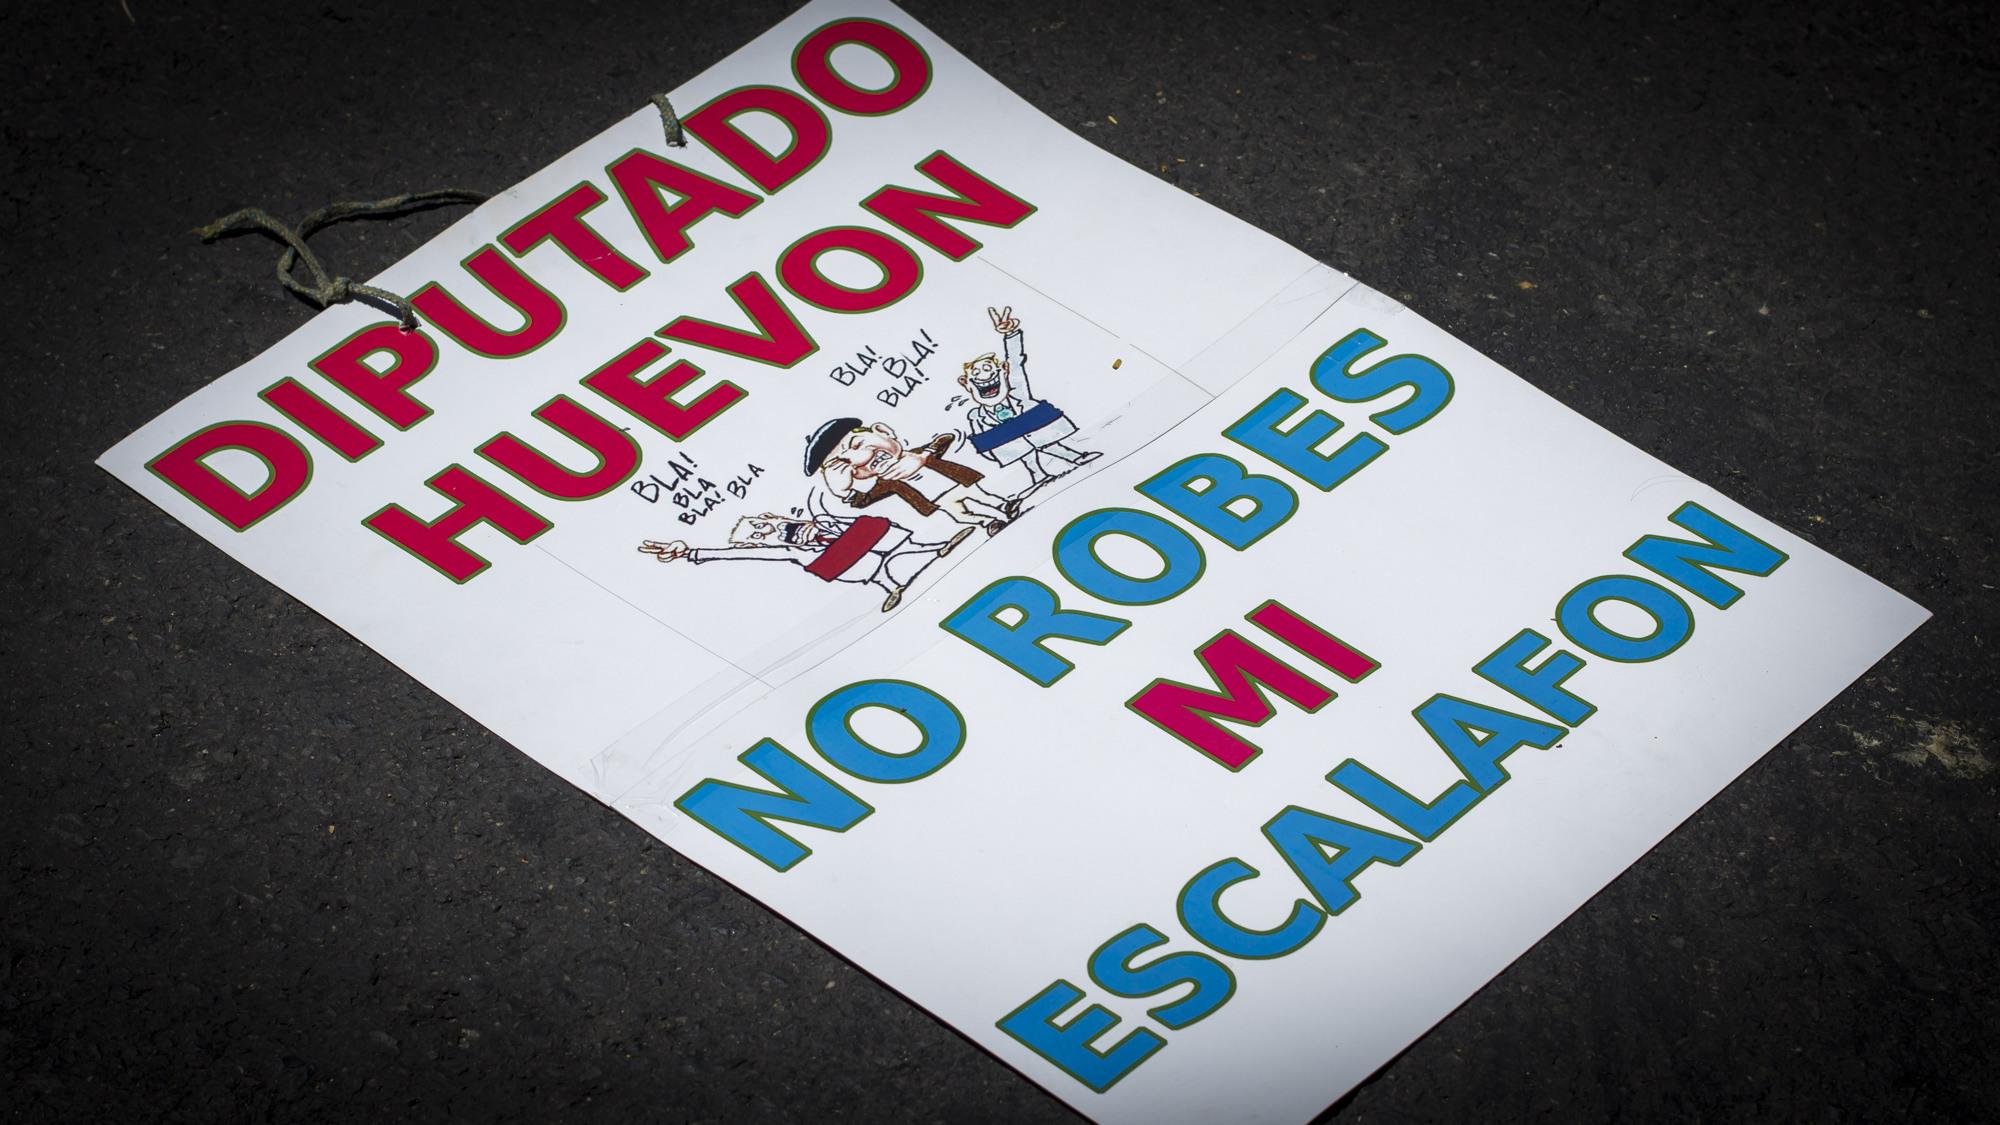 Una de las pancartas contra los diputados de la Asamblea Legislativa permanece en el asfalto en San Salvador, el 29 de Septiembre de 2016, como parte de las protestas en contra del gobierno que quiere anular una ley de salarios que les asegura aumentos cada año. Foto FACTUM/Salvador MELENDEZ